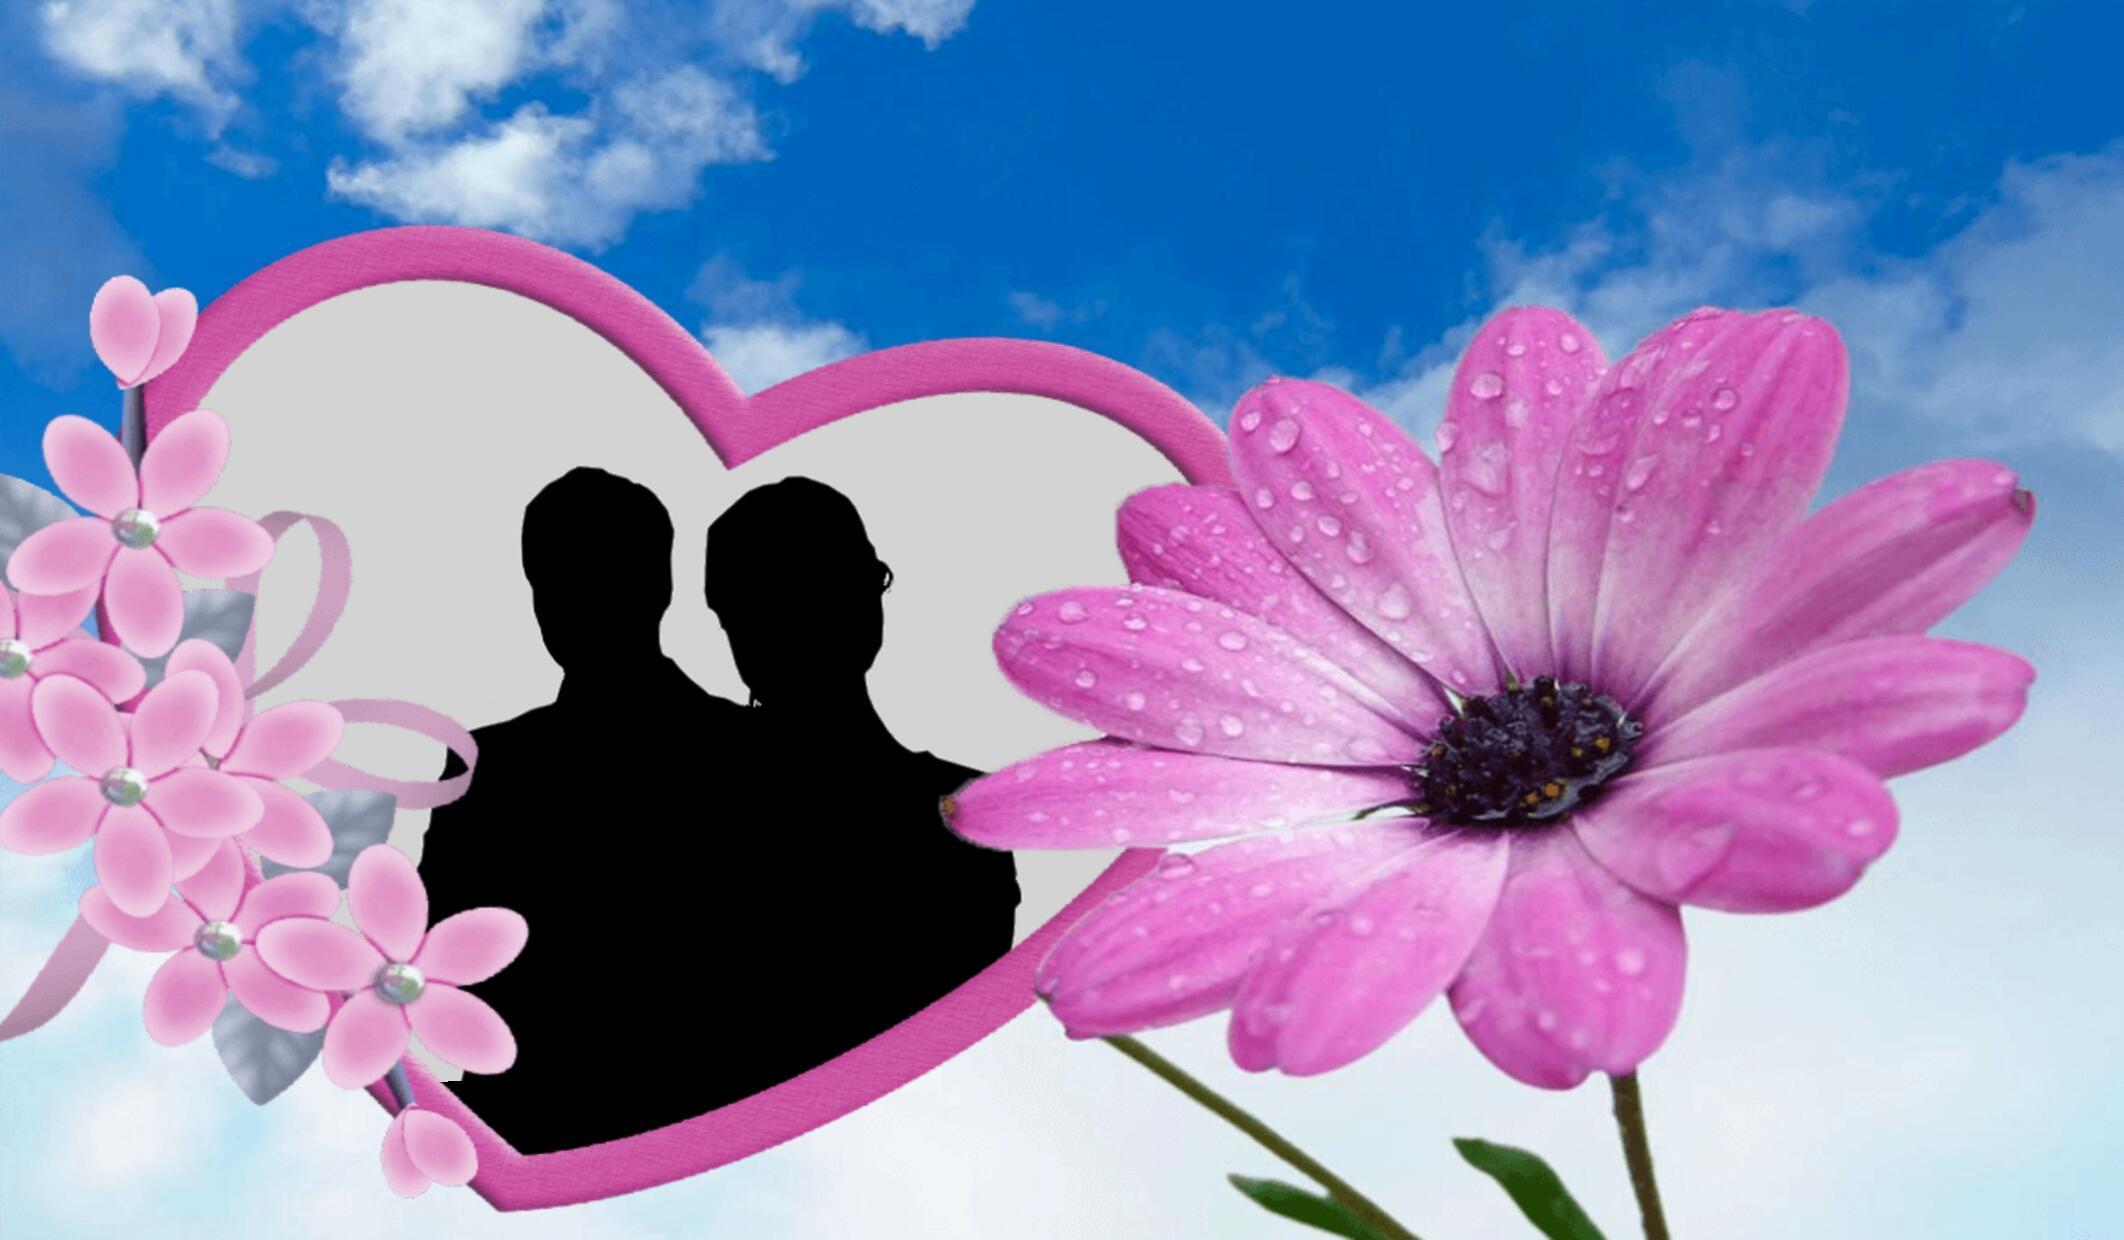 Bingkai Foto Bunga Cinta For Android Apk Download